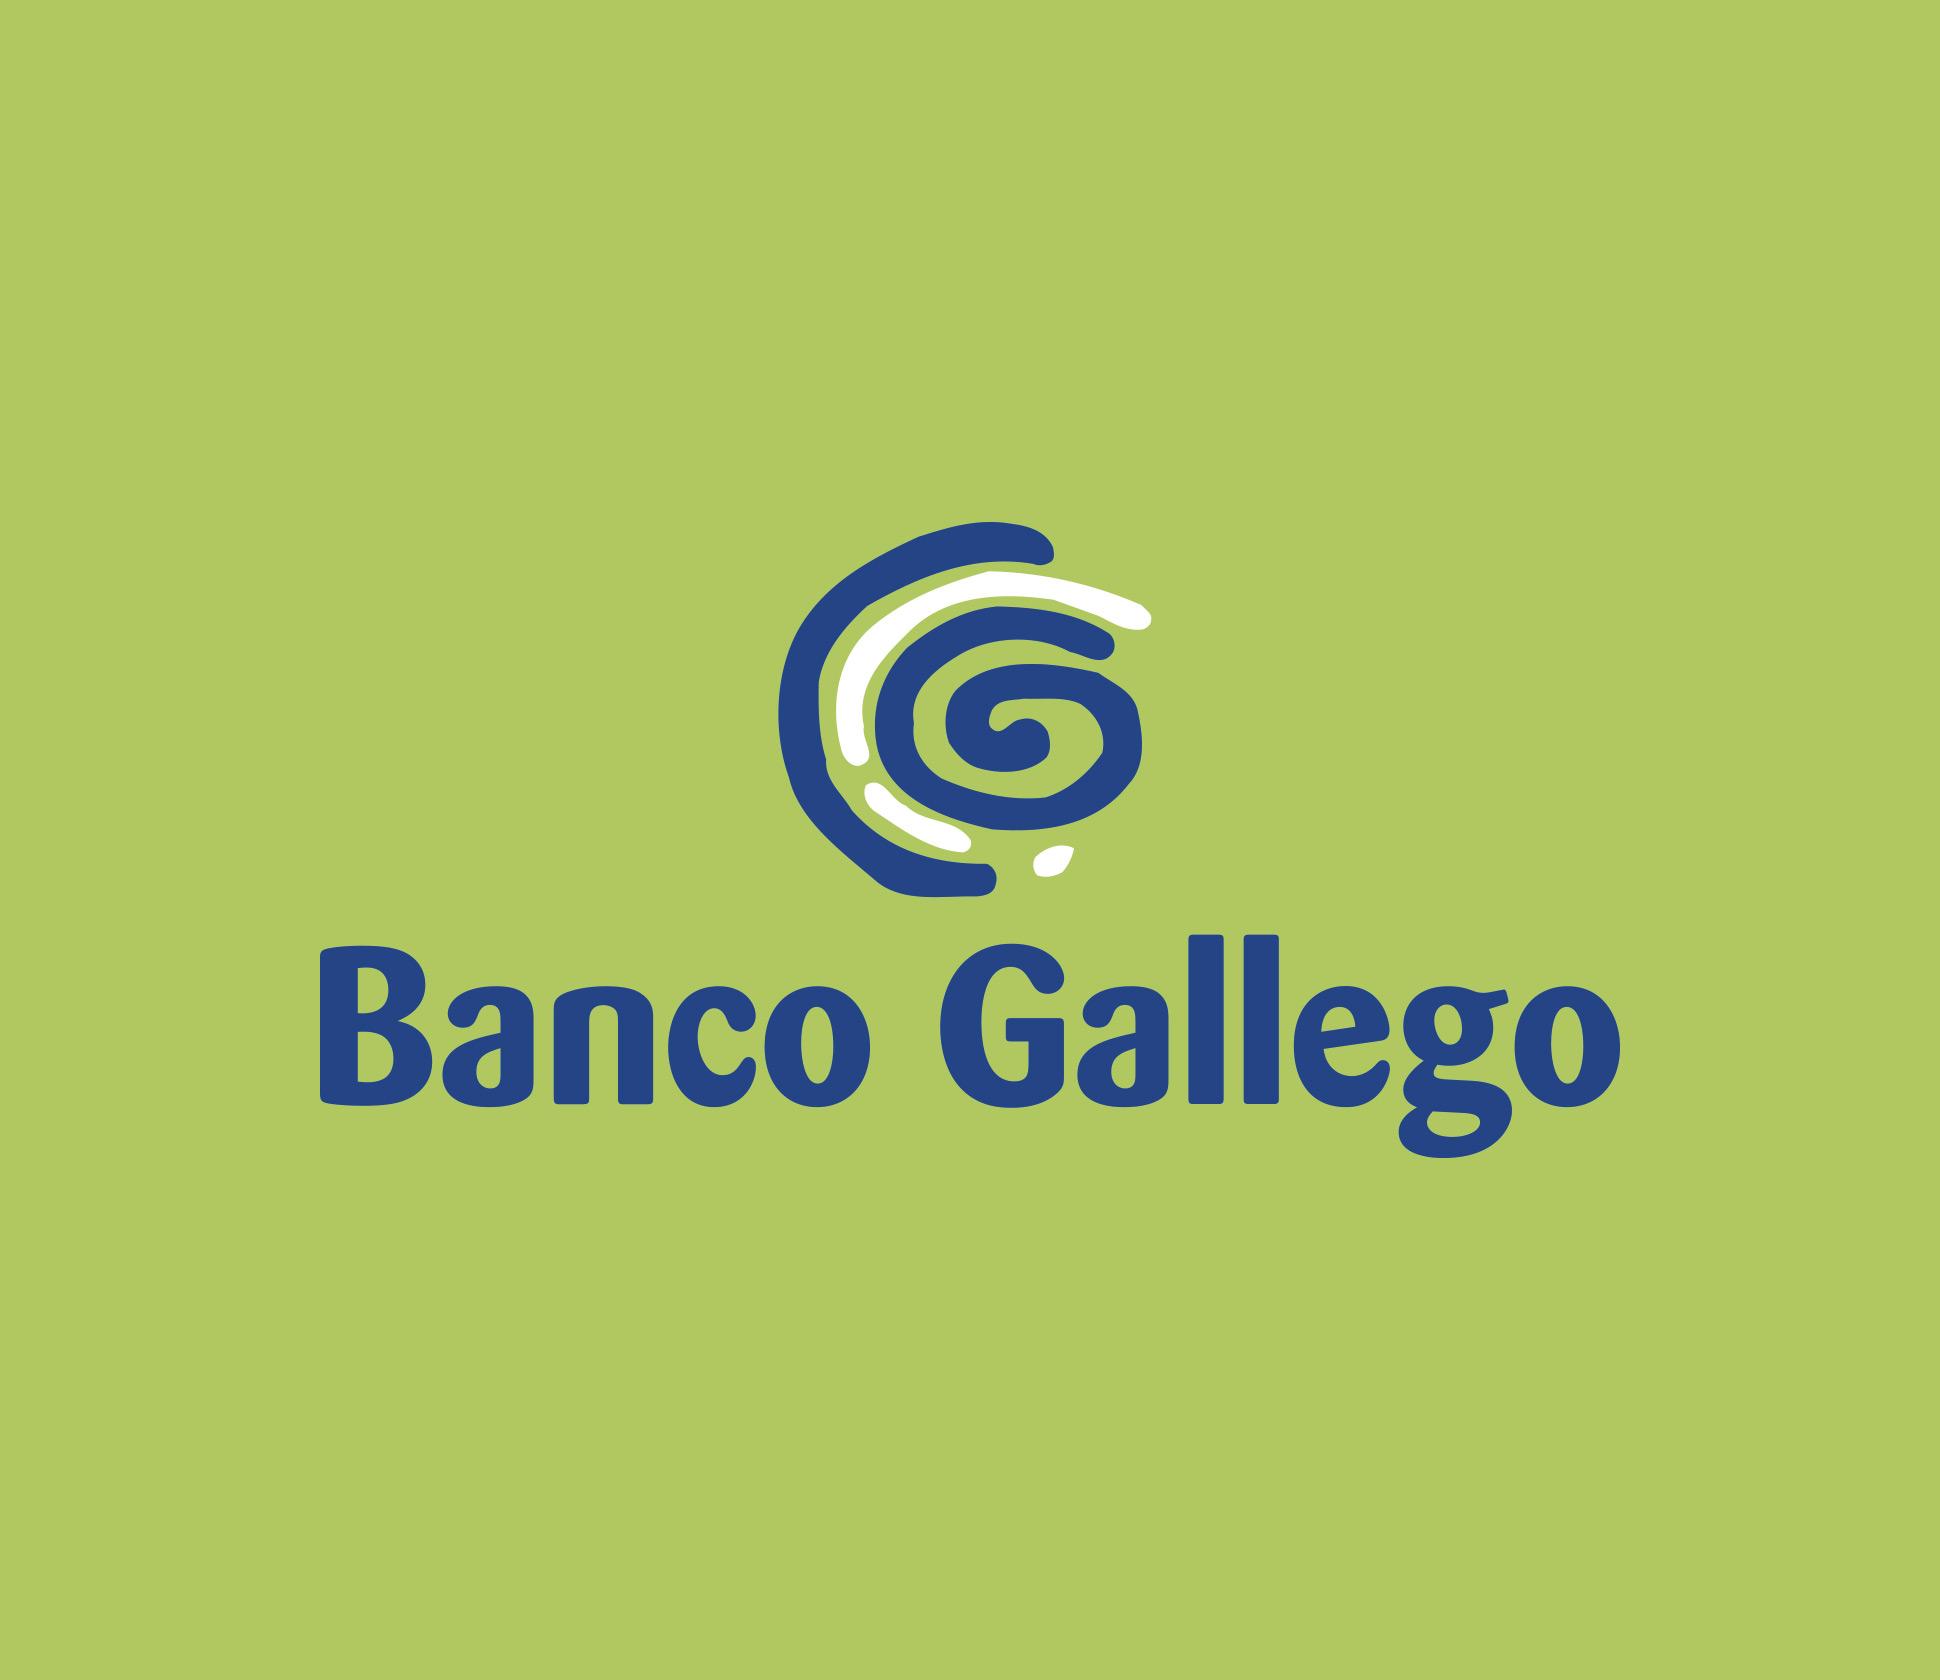 Sistema-Diseño-Banco-Gallego-Marca-logo-negativo